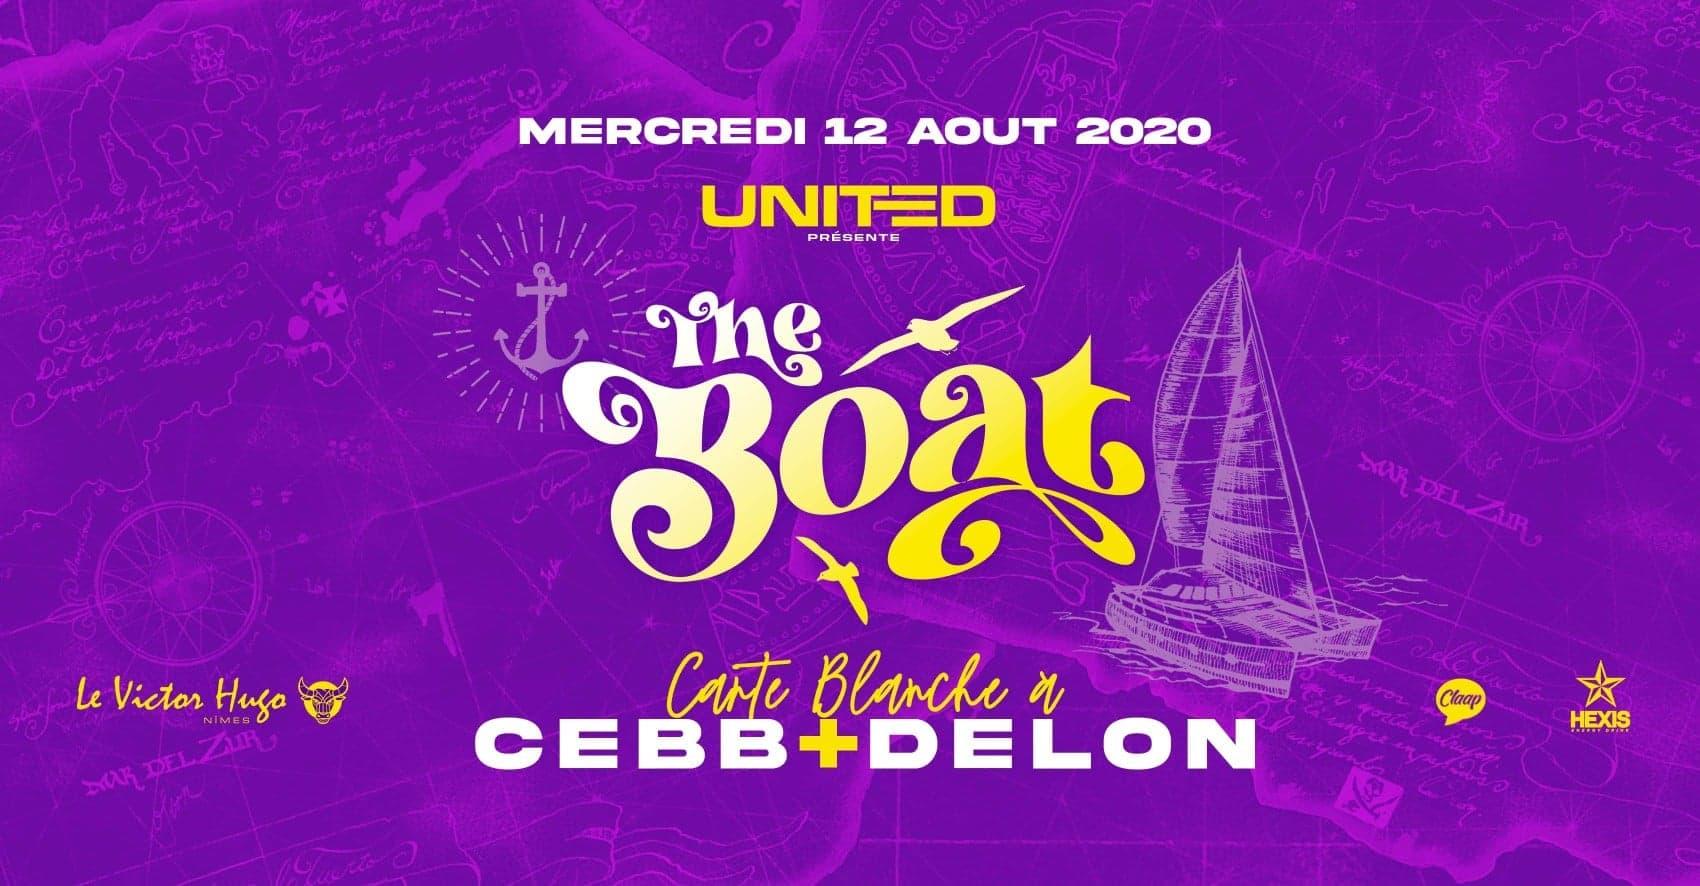 THE BOAT by United : carte blanche à Cebb + Delon